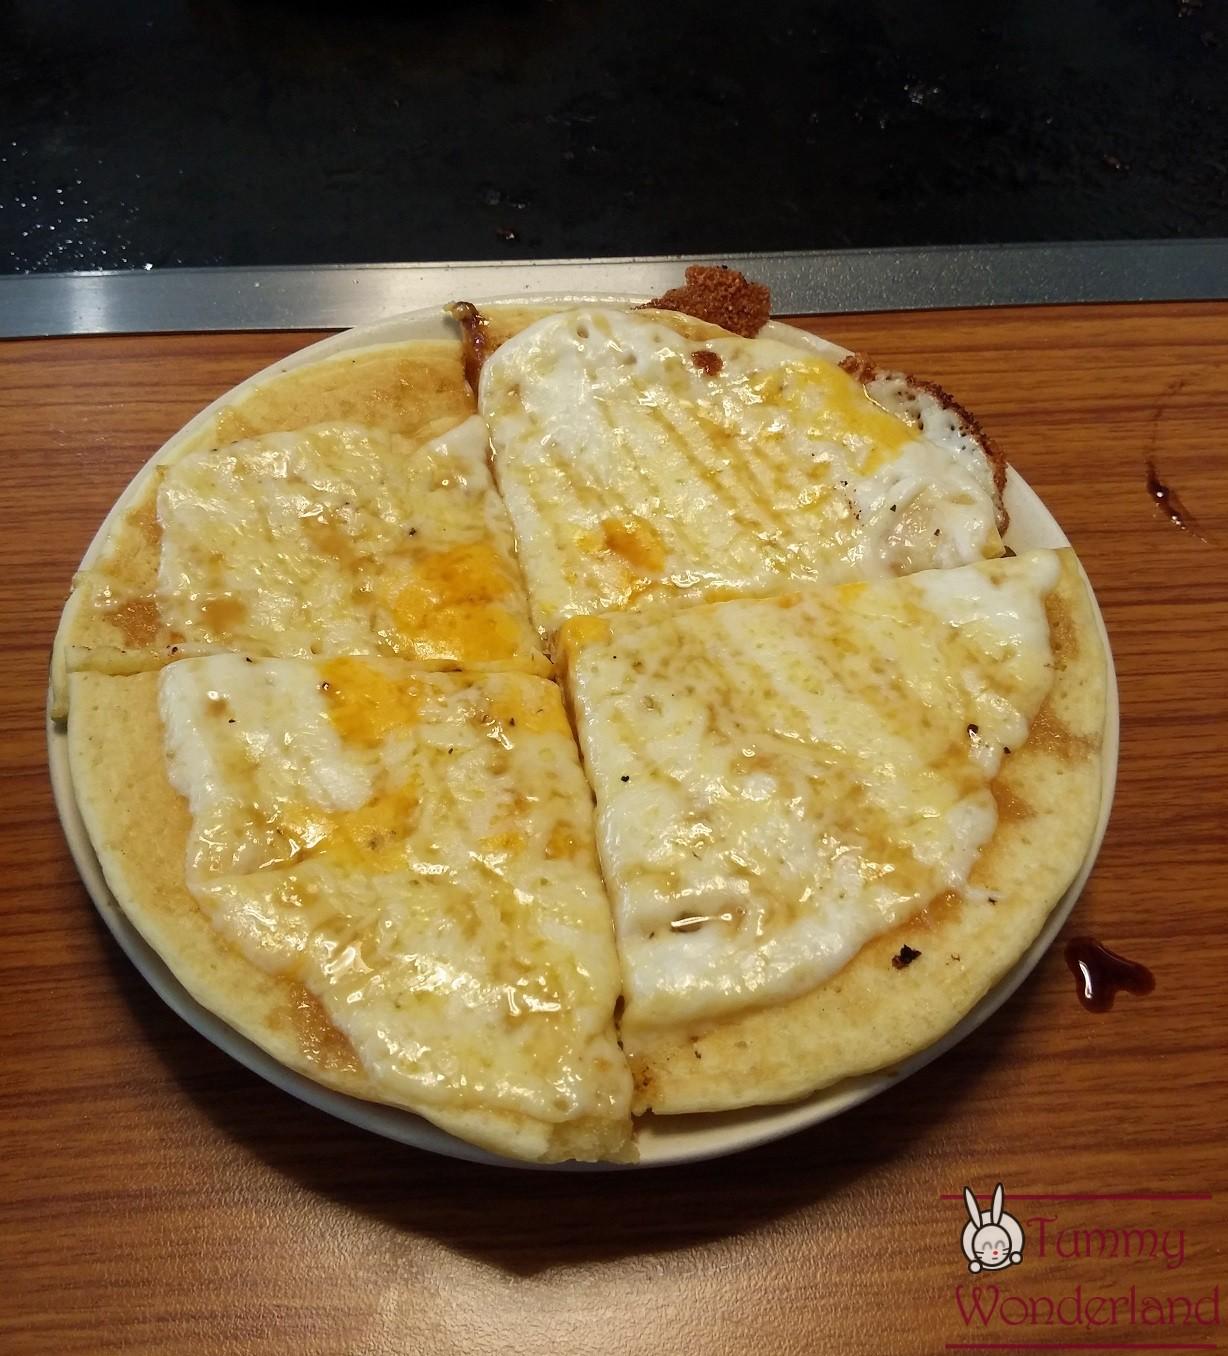 pizzadohtonburi